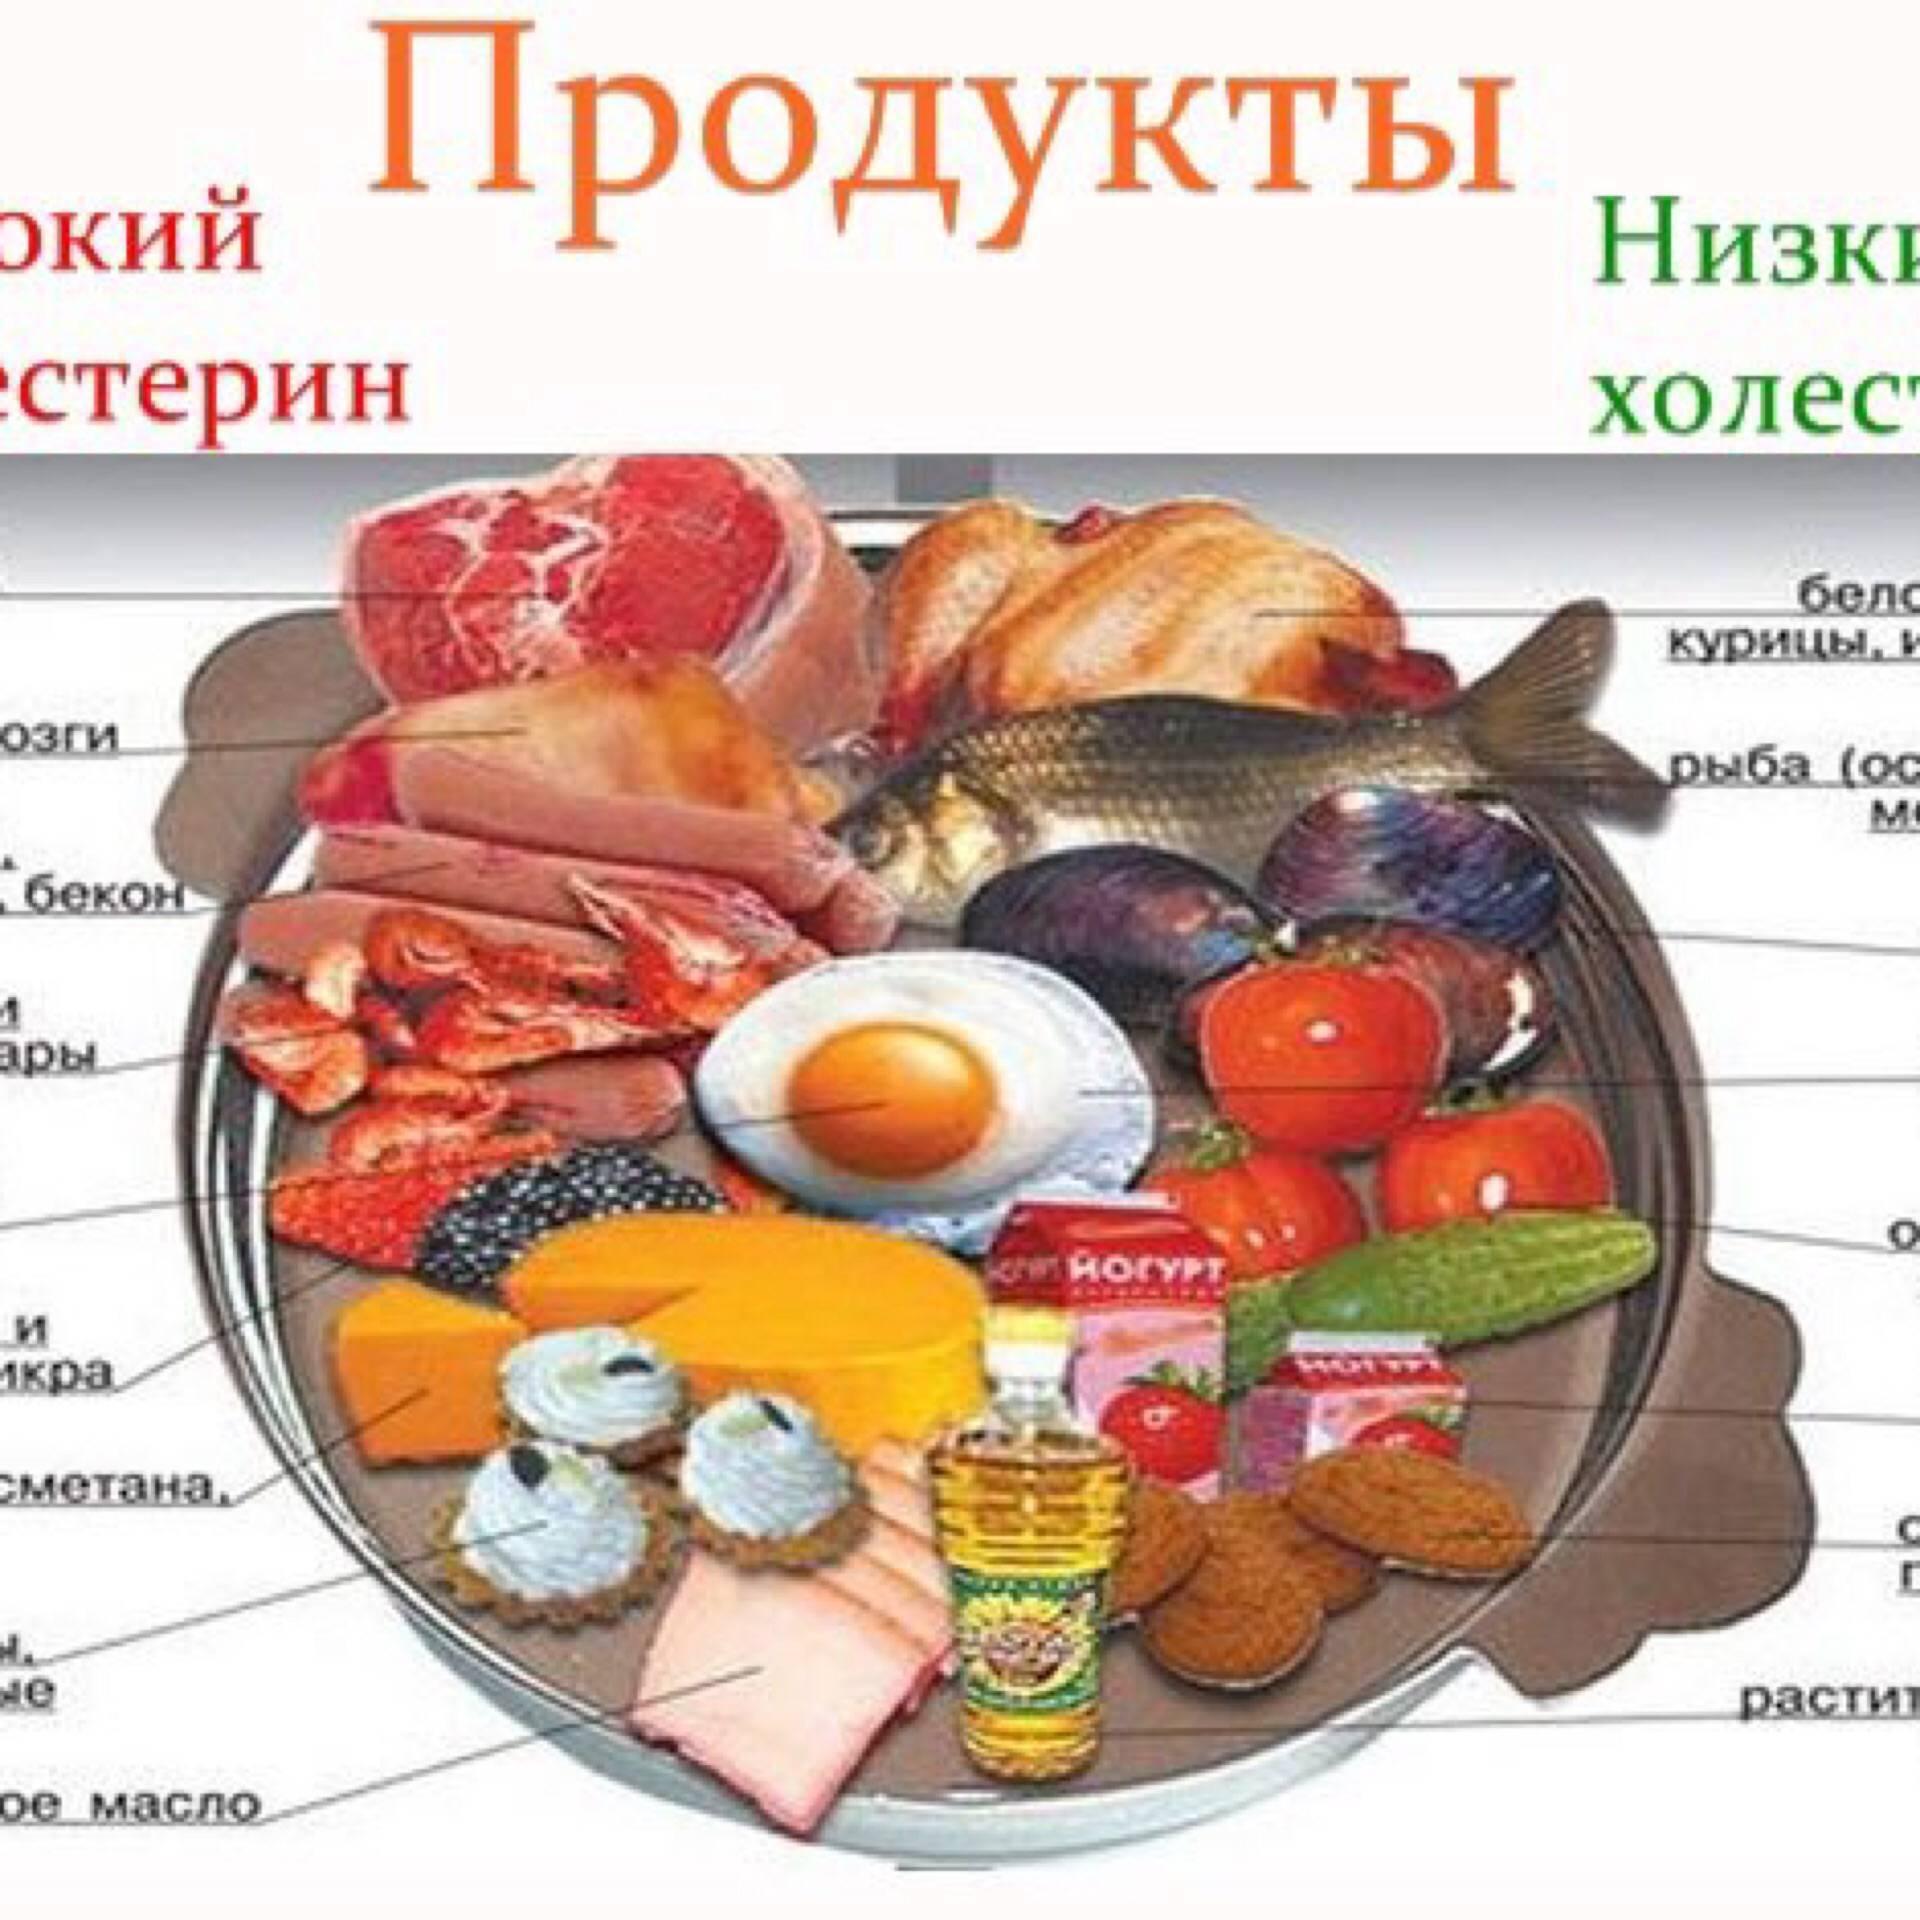 Содержит ли картофель вредный холестерин